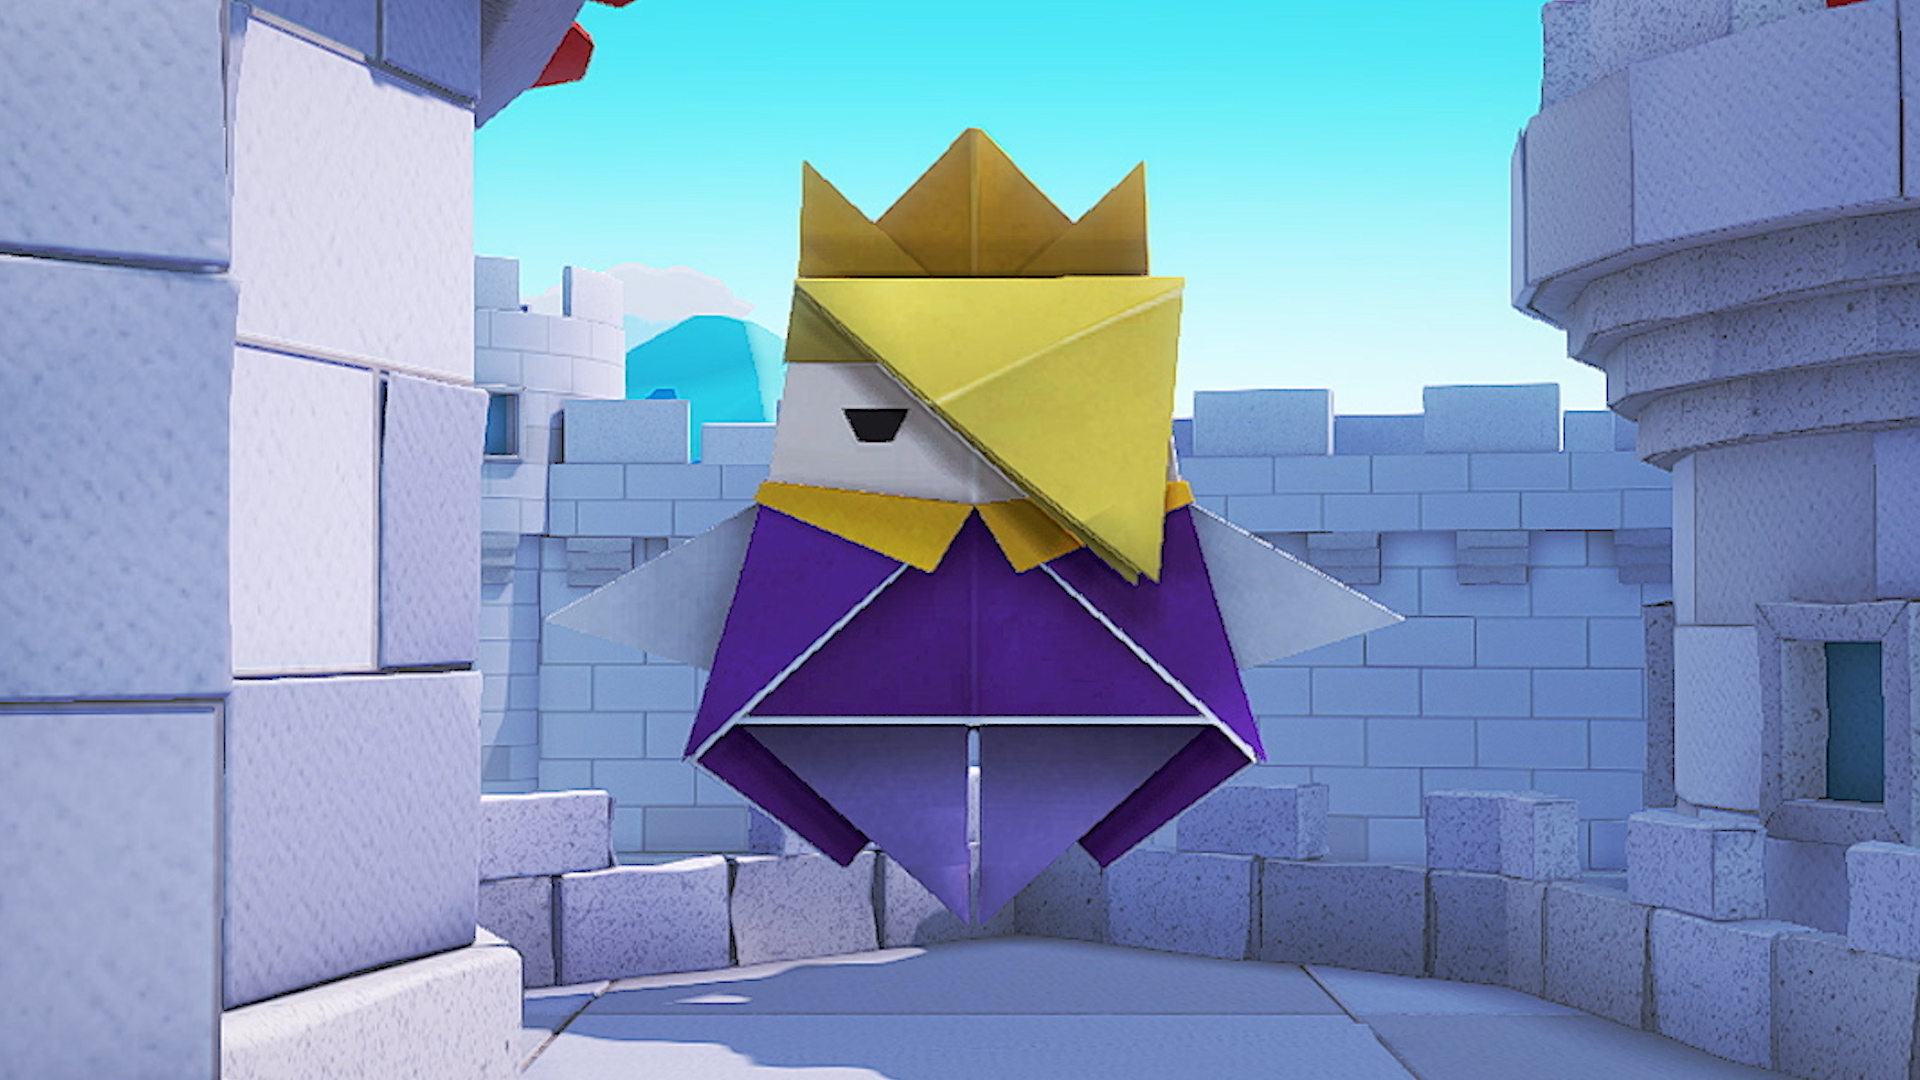 Quelle: Nintendo - Paper Mario: The Origami King - Olly